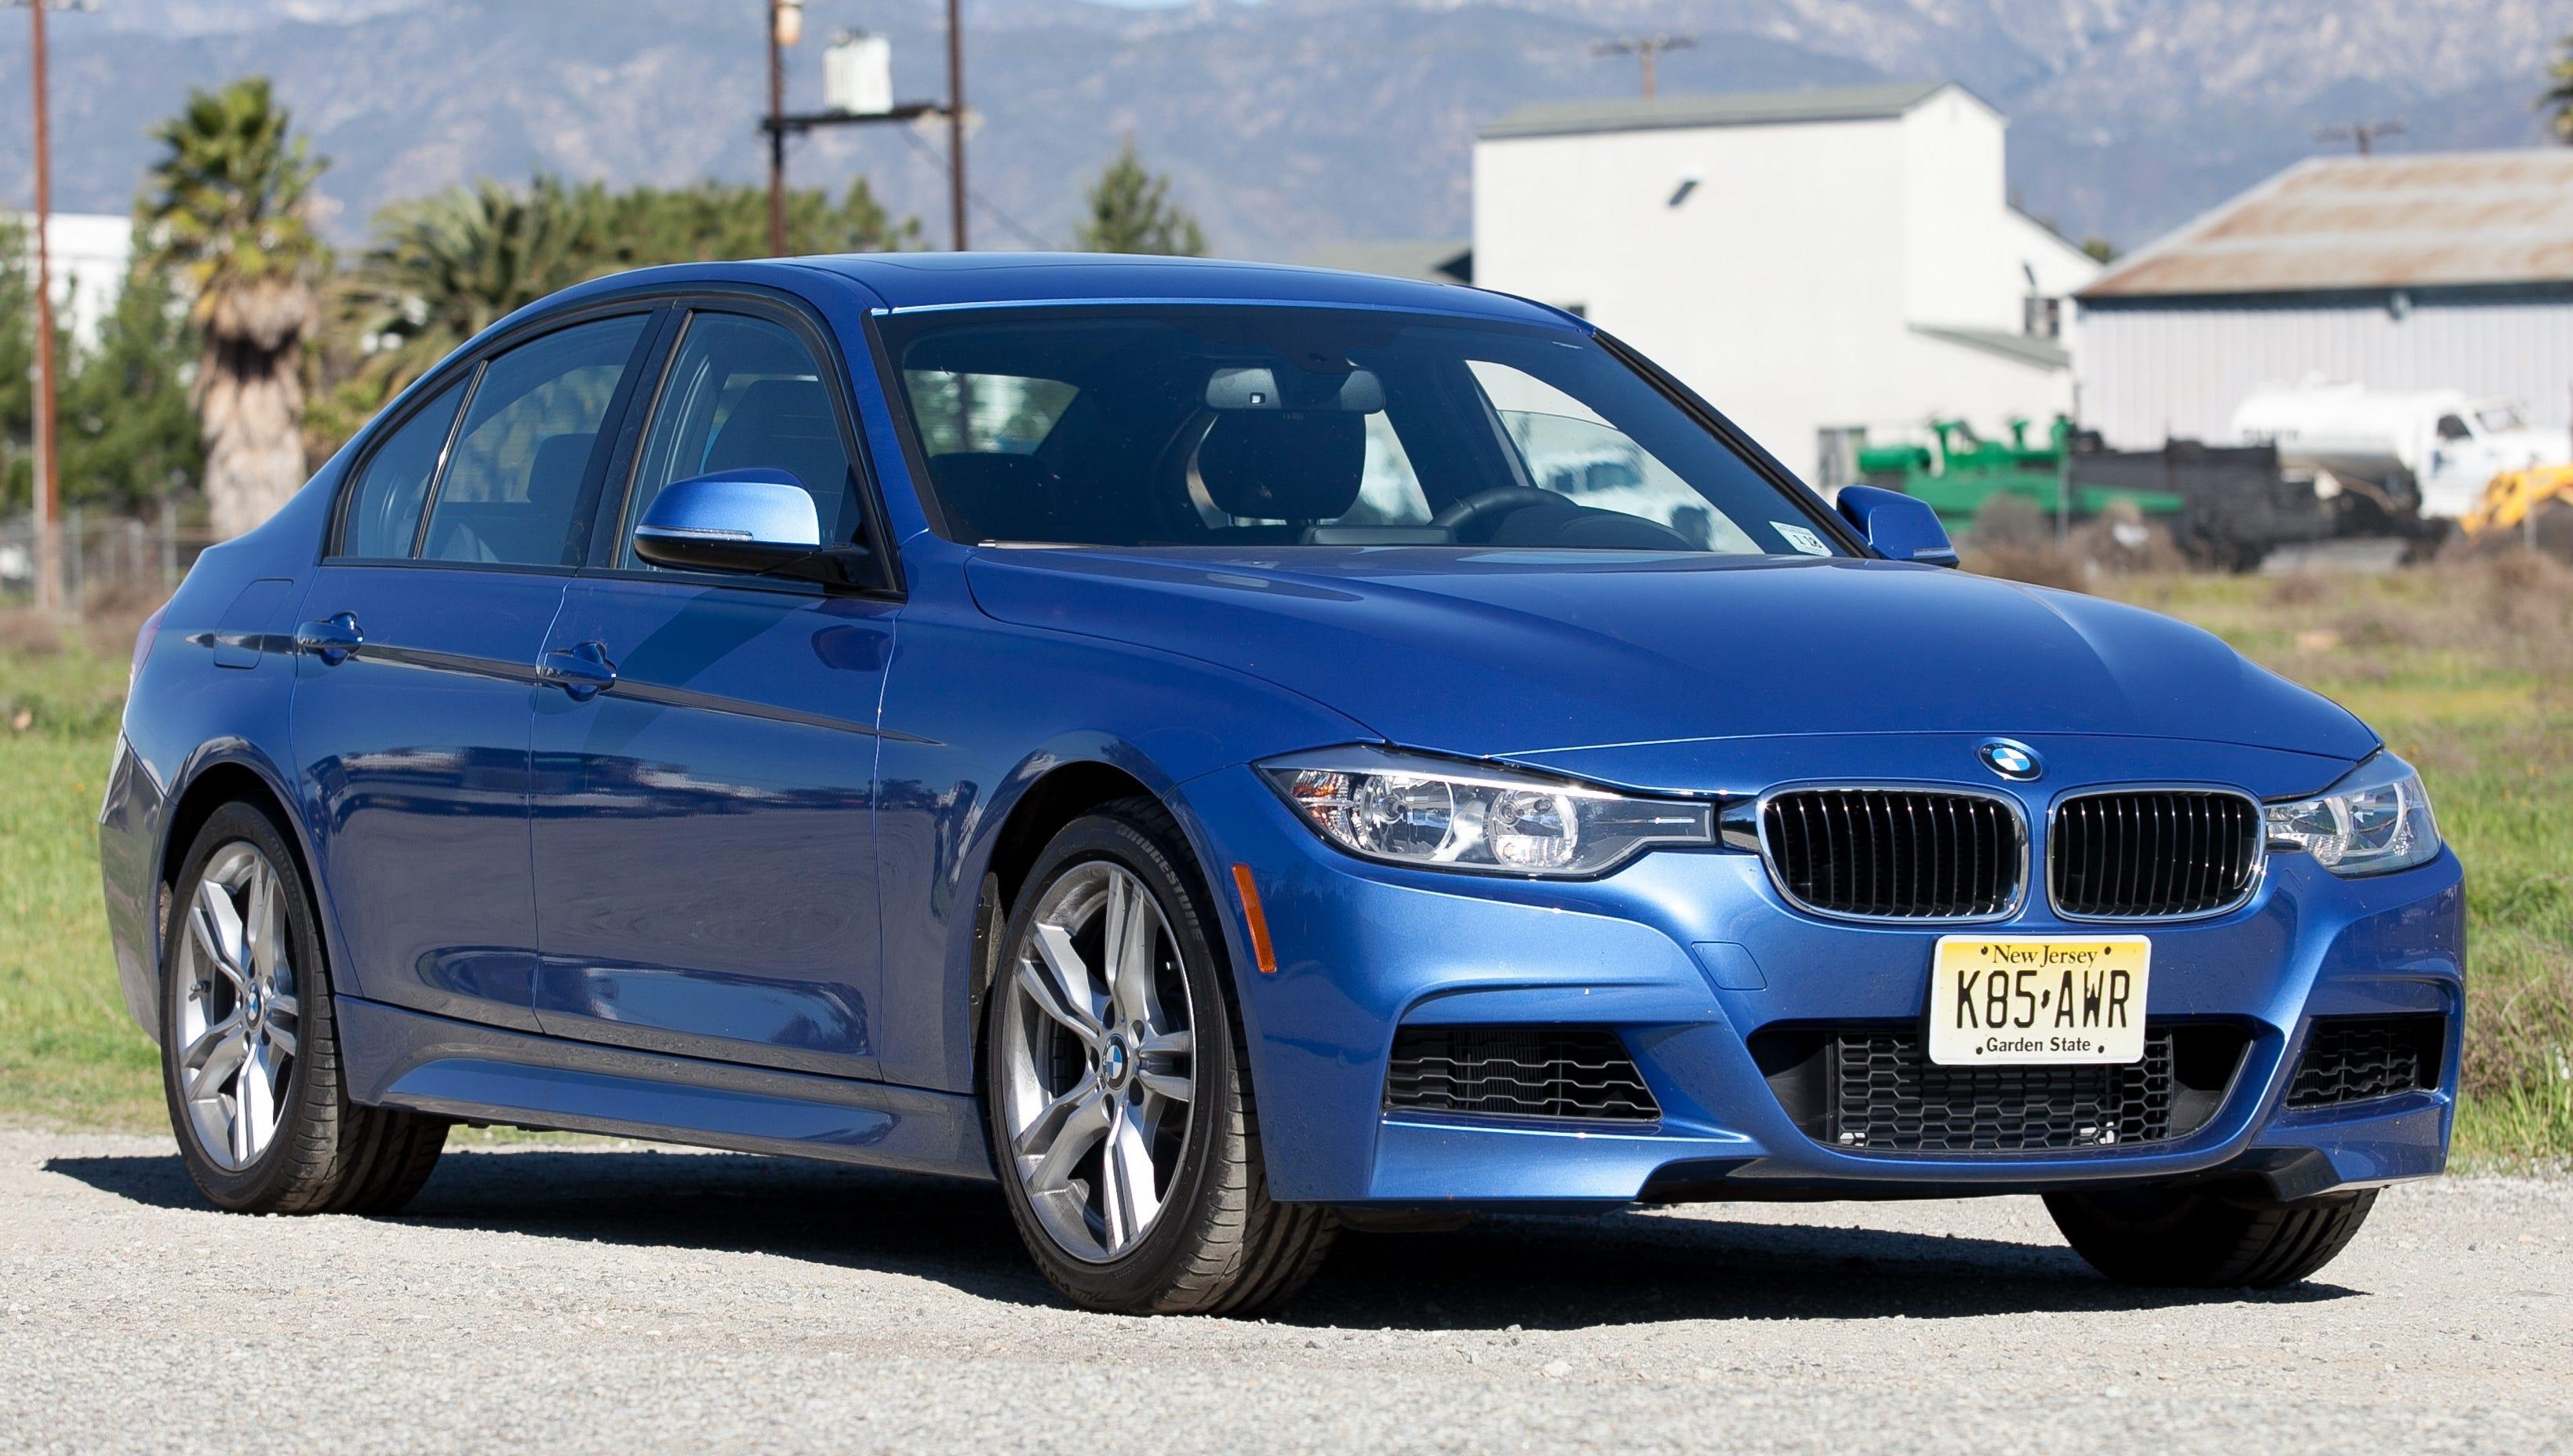 Test Drive: BMW 328i M Sport is mmm-mmm good